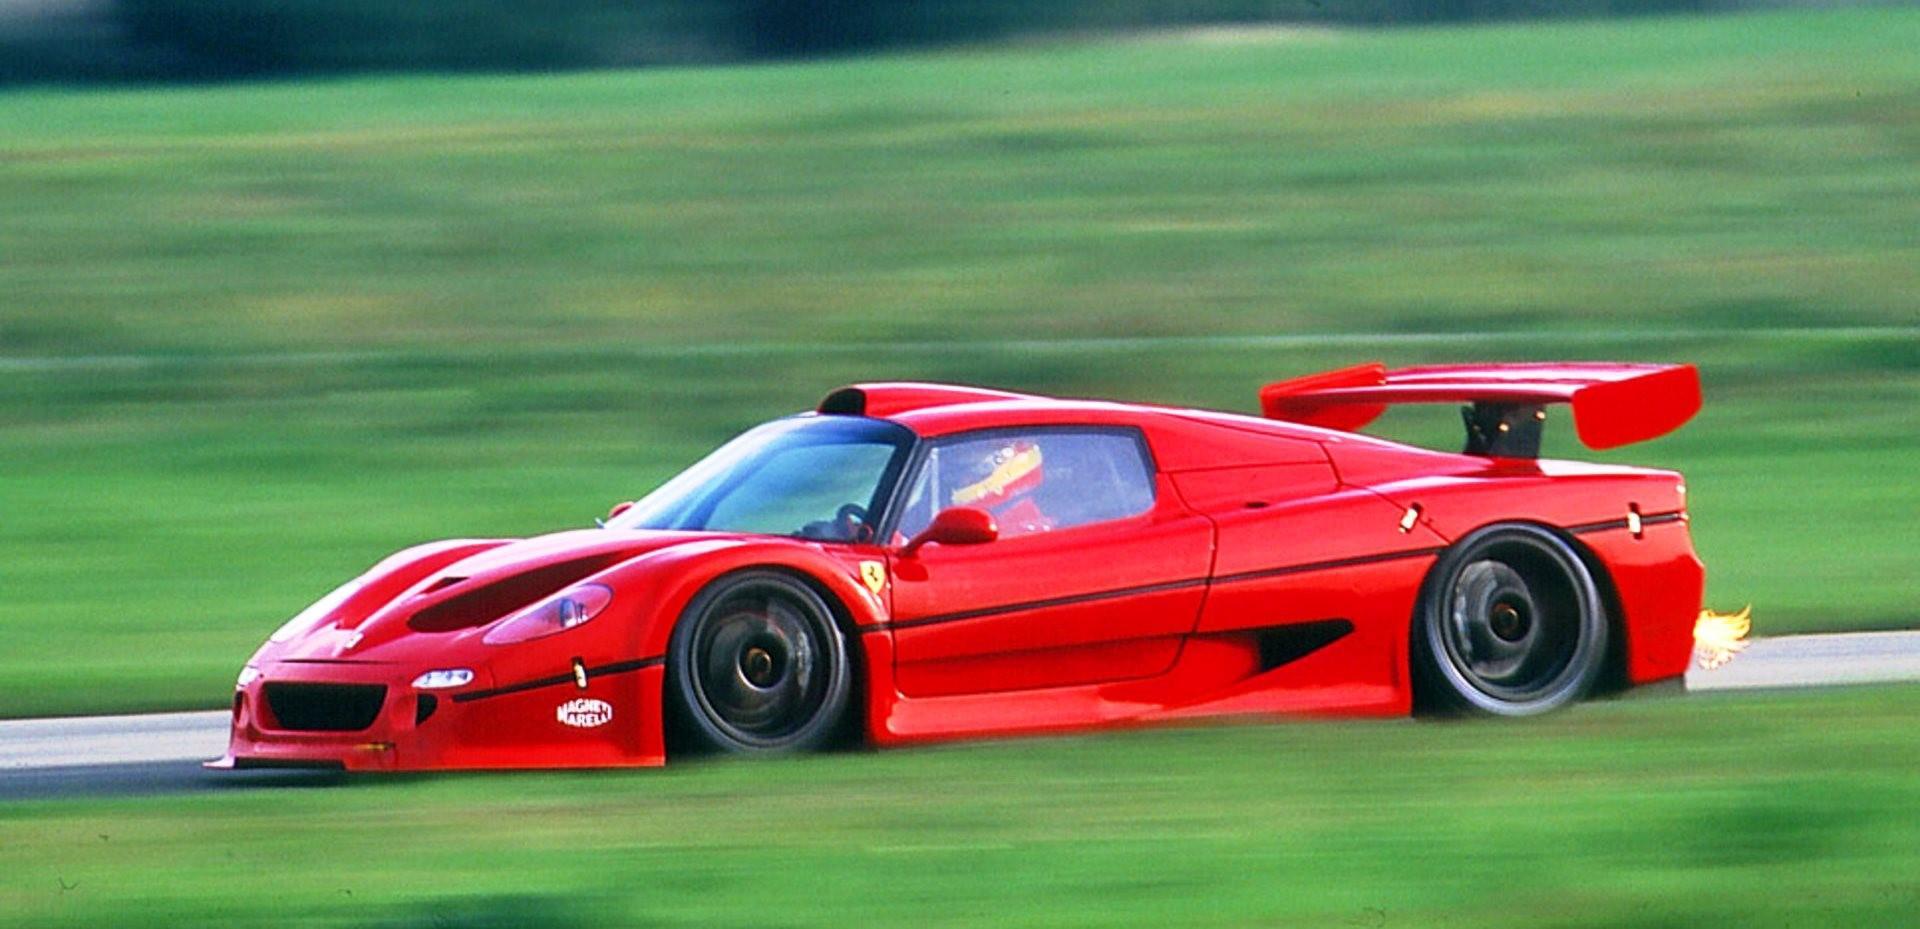 voitures-de-sports-qui-auront-25-ans-aujourd-hui-1269-39.jpg